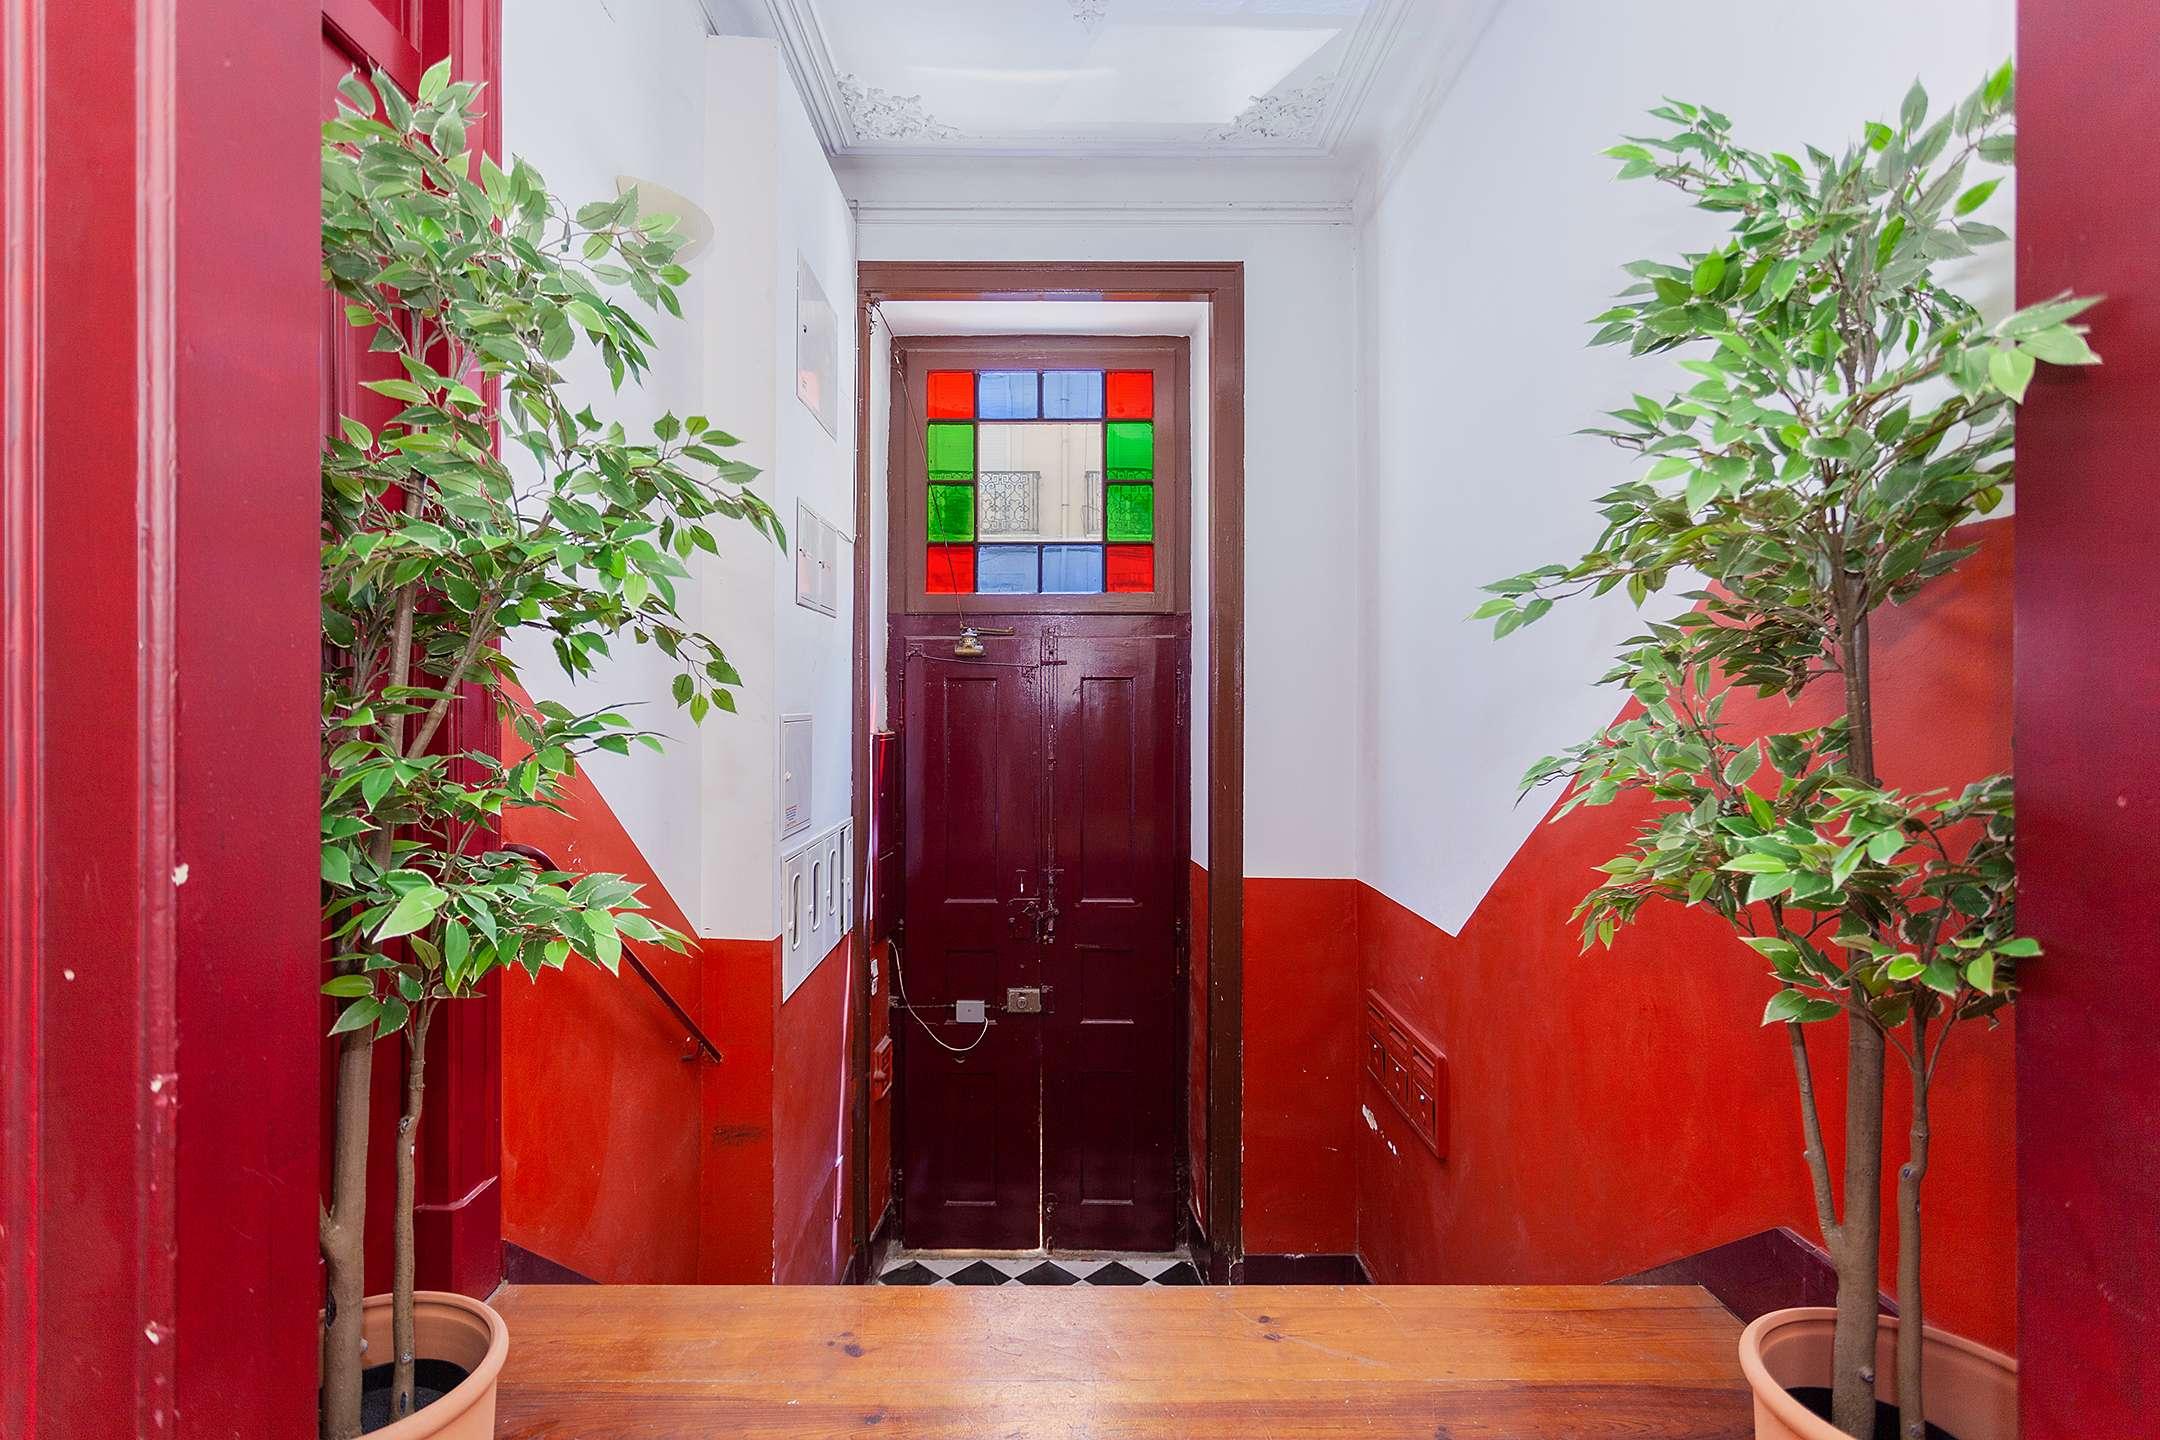 PF20881, Prédio Habitacional, Lisboa